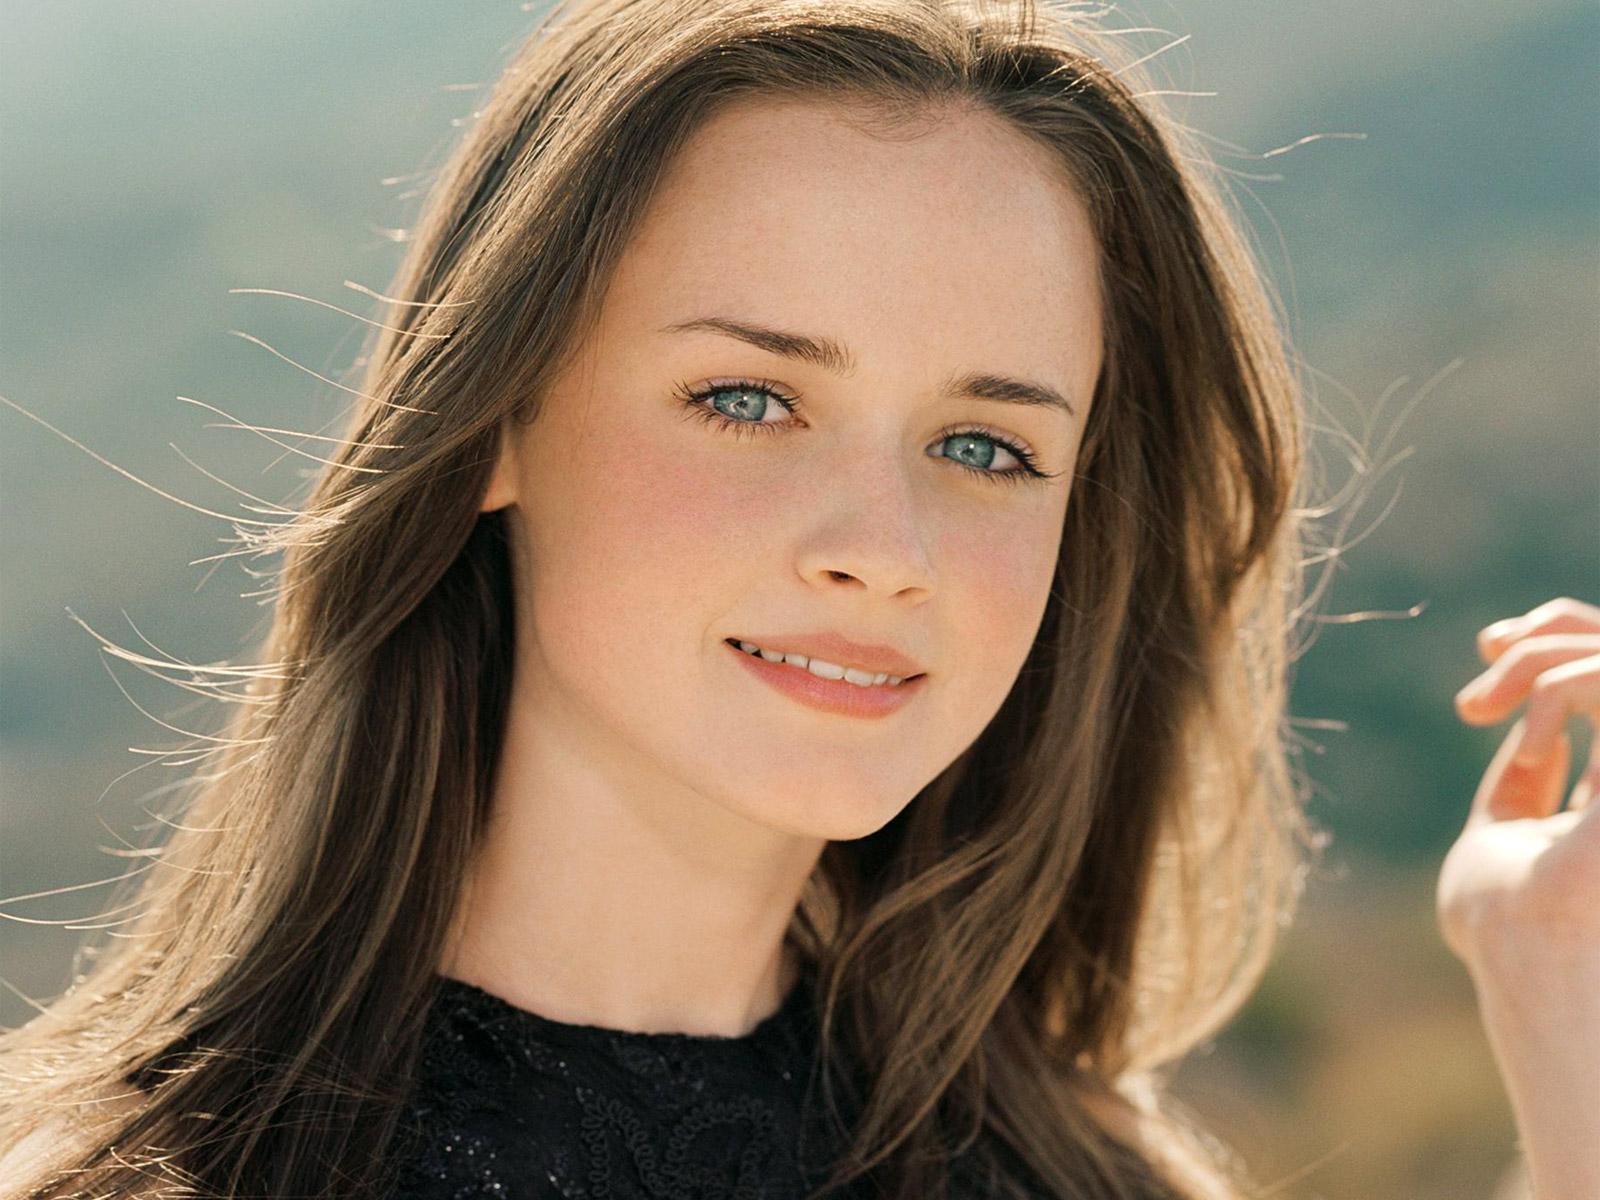 صورة صور اجمل بنات العالم , صور جميلة لاجمل بنات في العالم